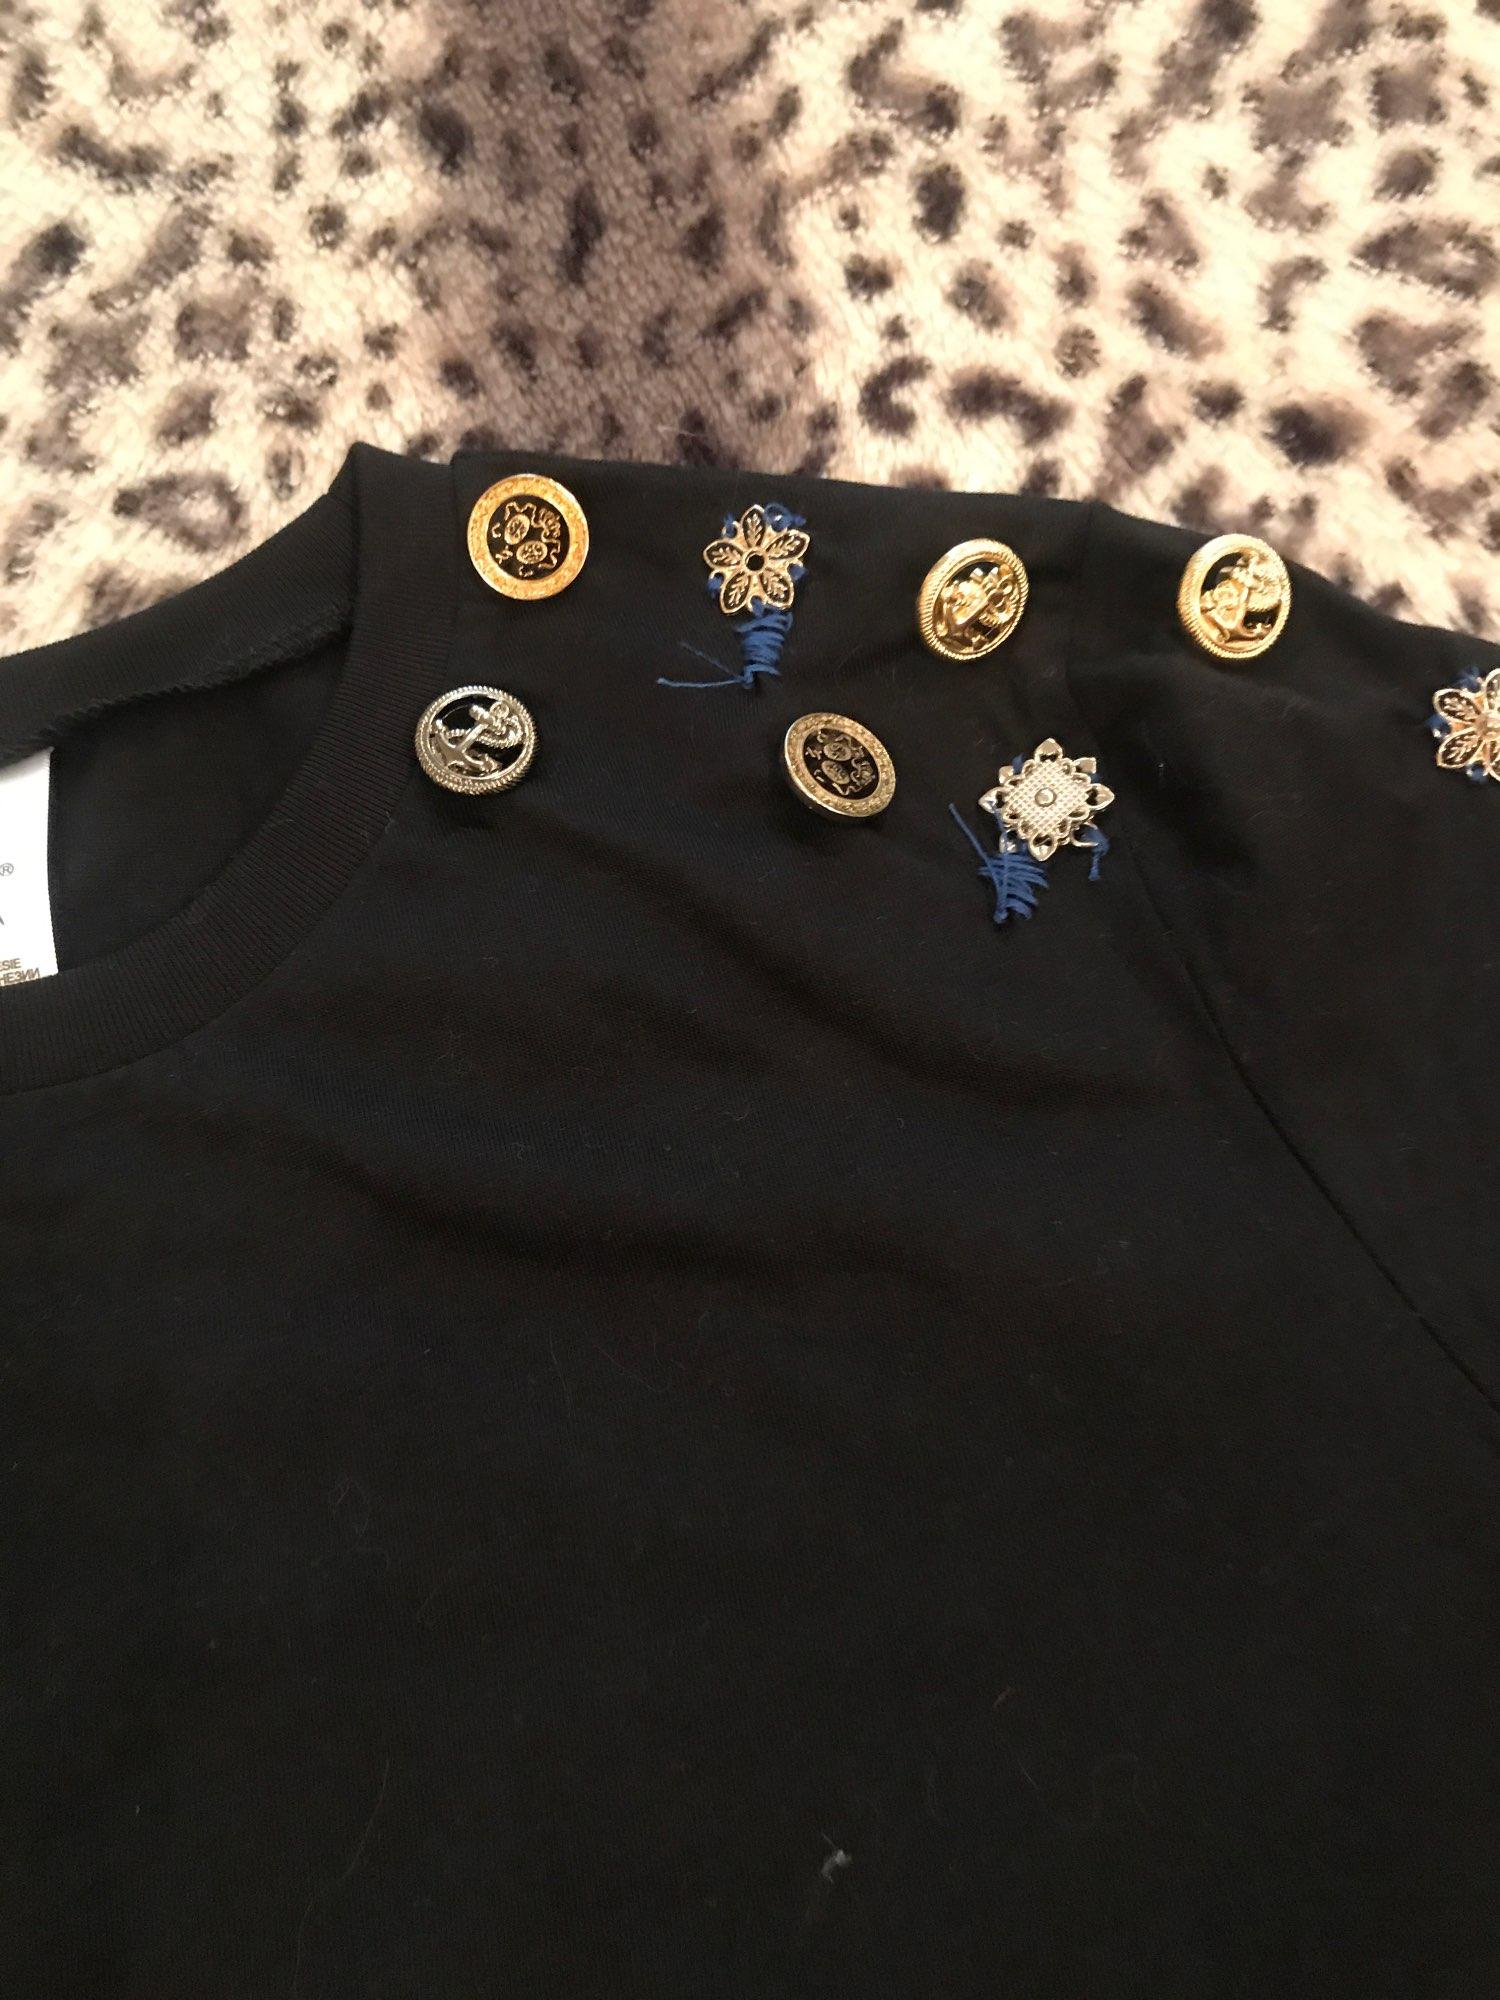 Long Sleeve Maxi T Shirt Dress Women Autumn Winter Sexy Party Bodycon Vintage Casual Slit Knitted Cotton White Black Sundress|shirt dress|t shirt dressdress women - AliExpress